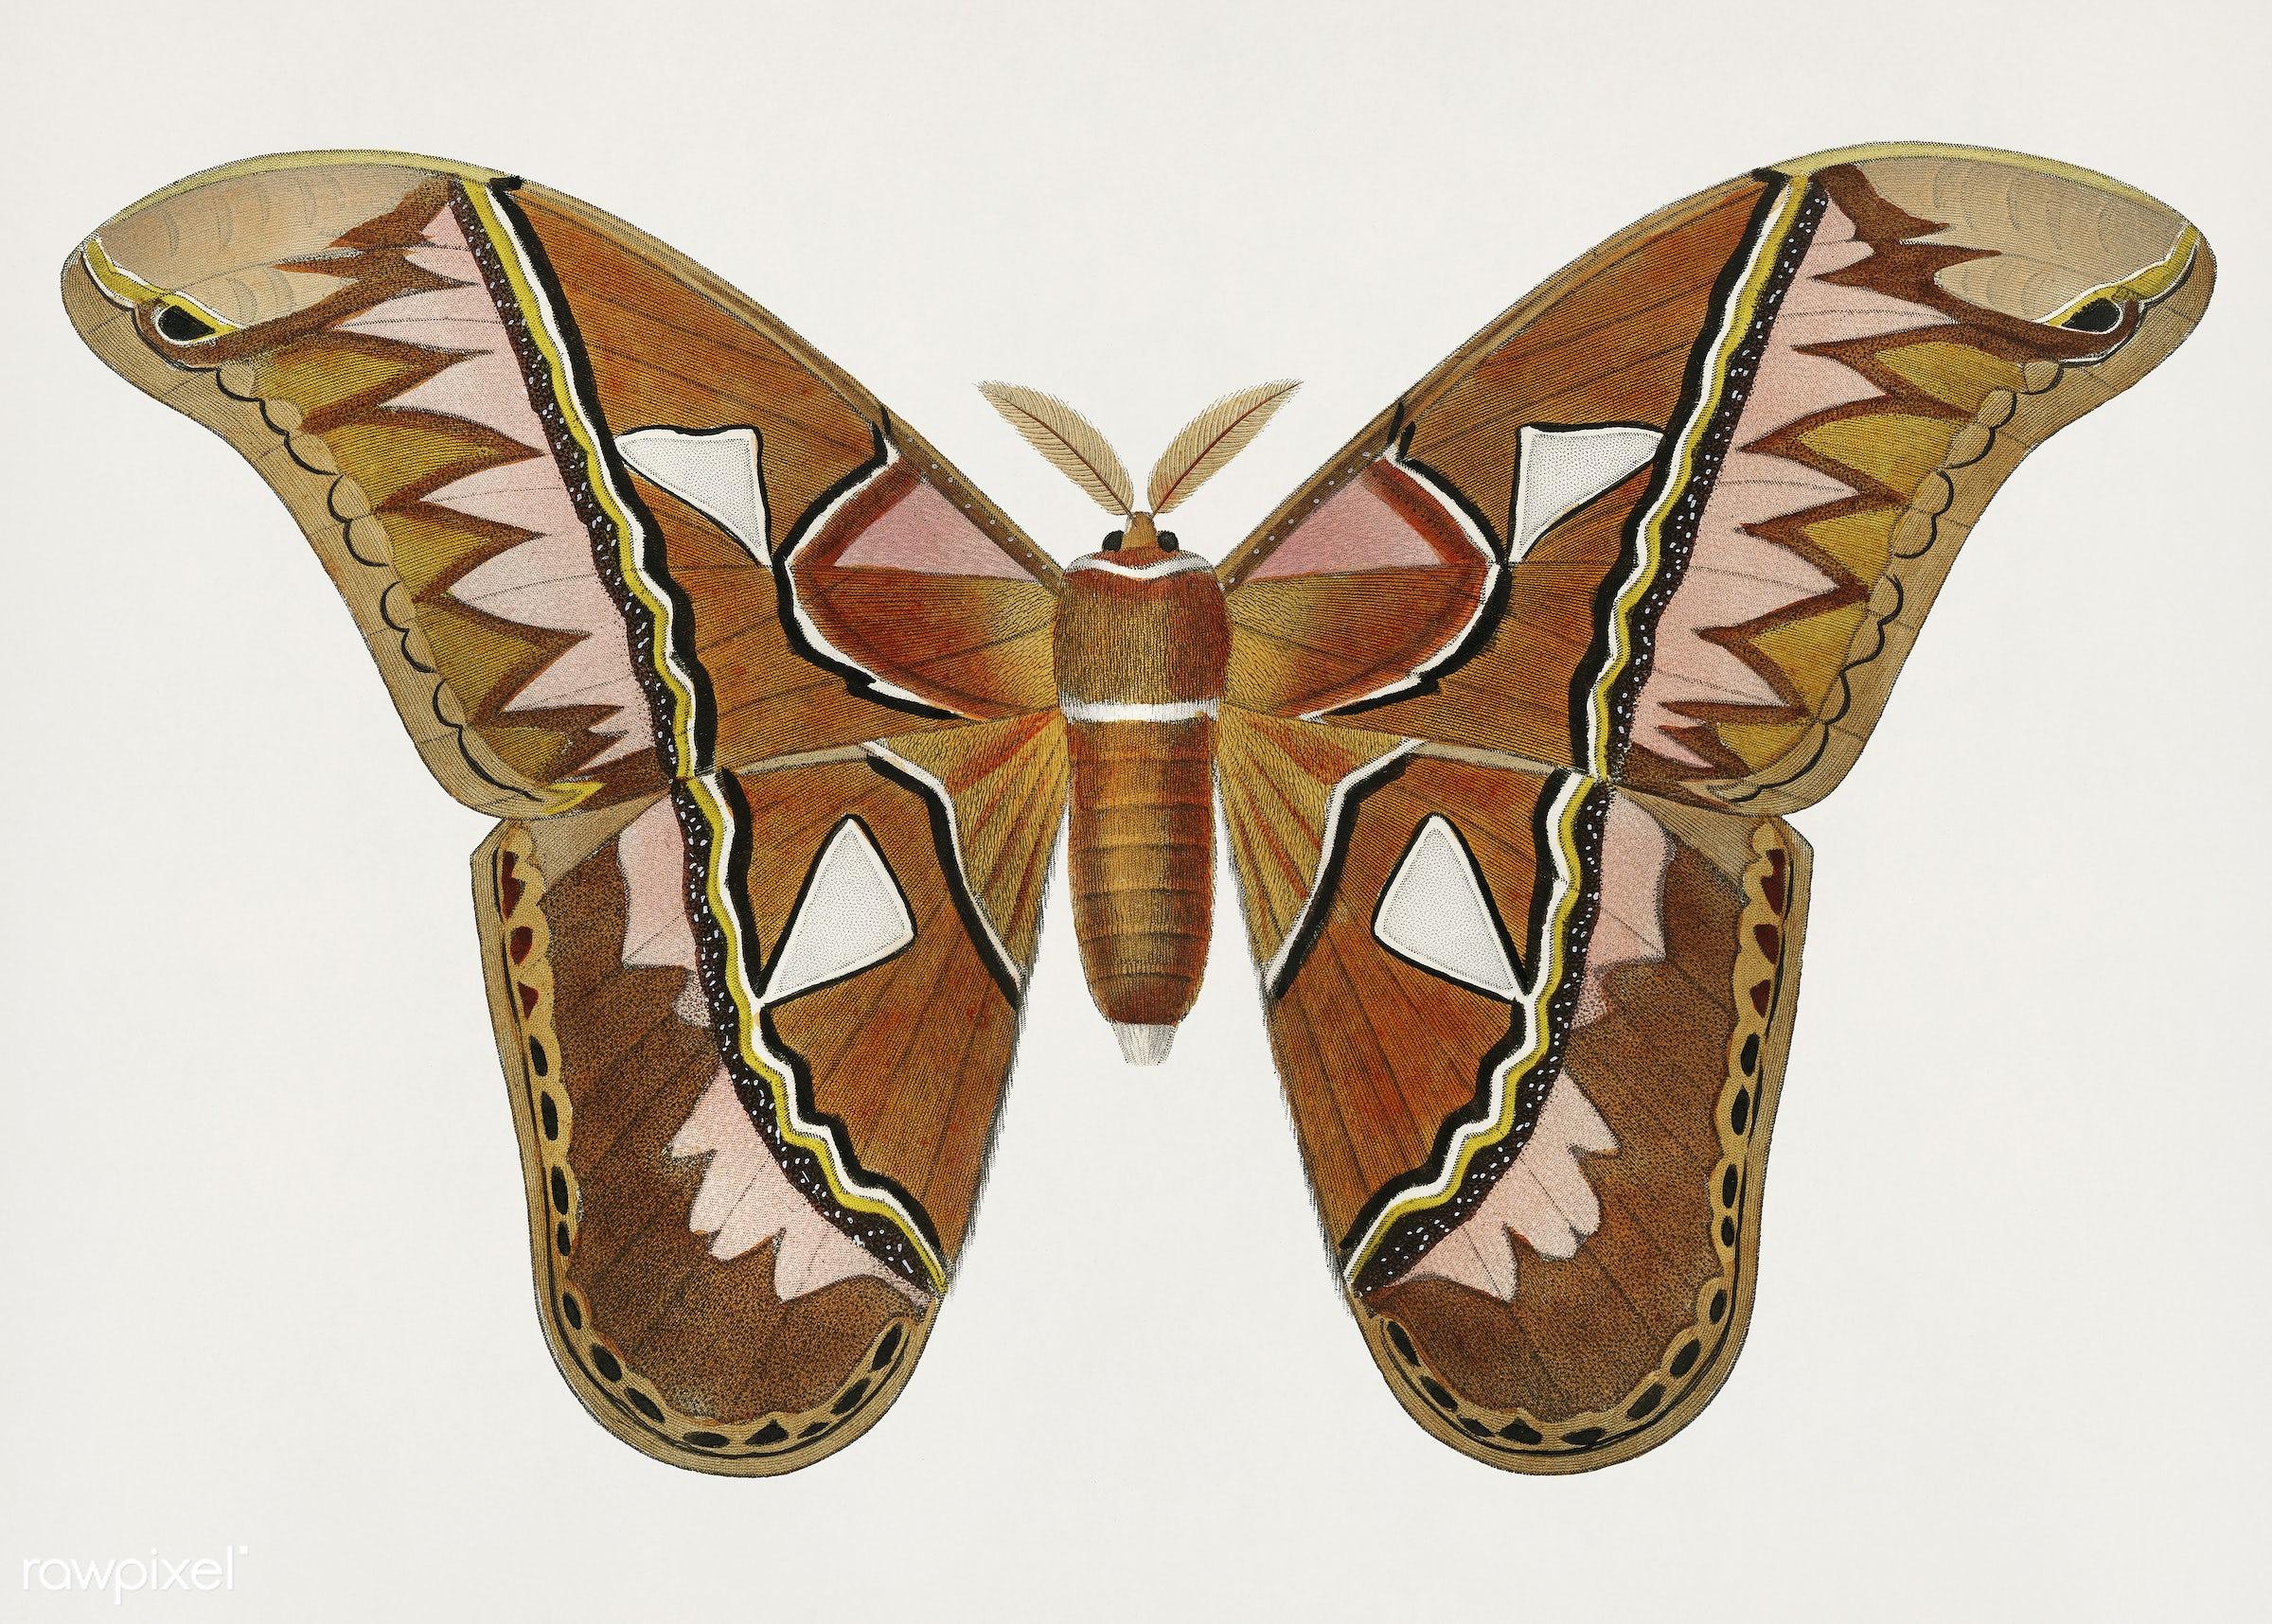 Vintage Illustration of Attacus Atlas Moth (Attacus Aurora) - ancient, animal, antique, artwork, attacus, attacus atlas moth...